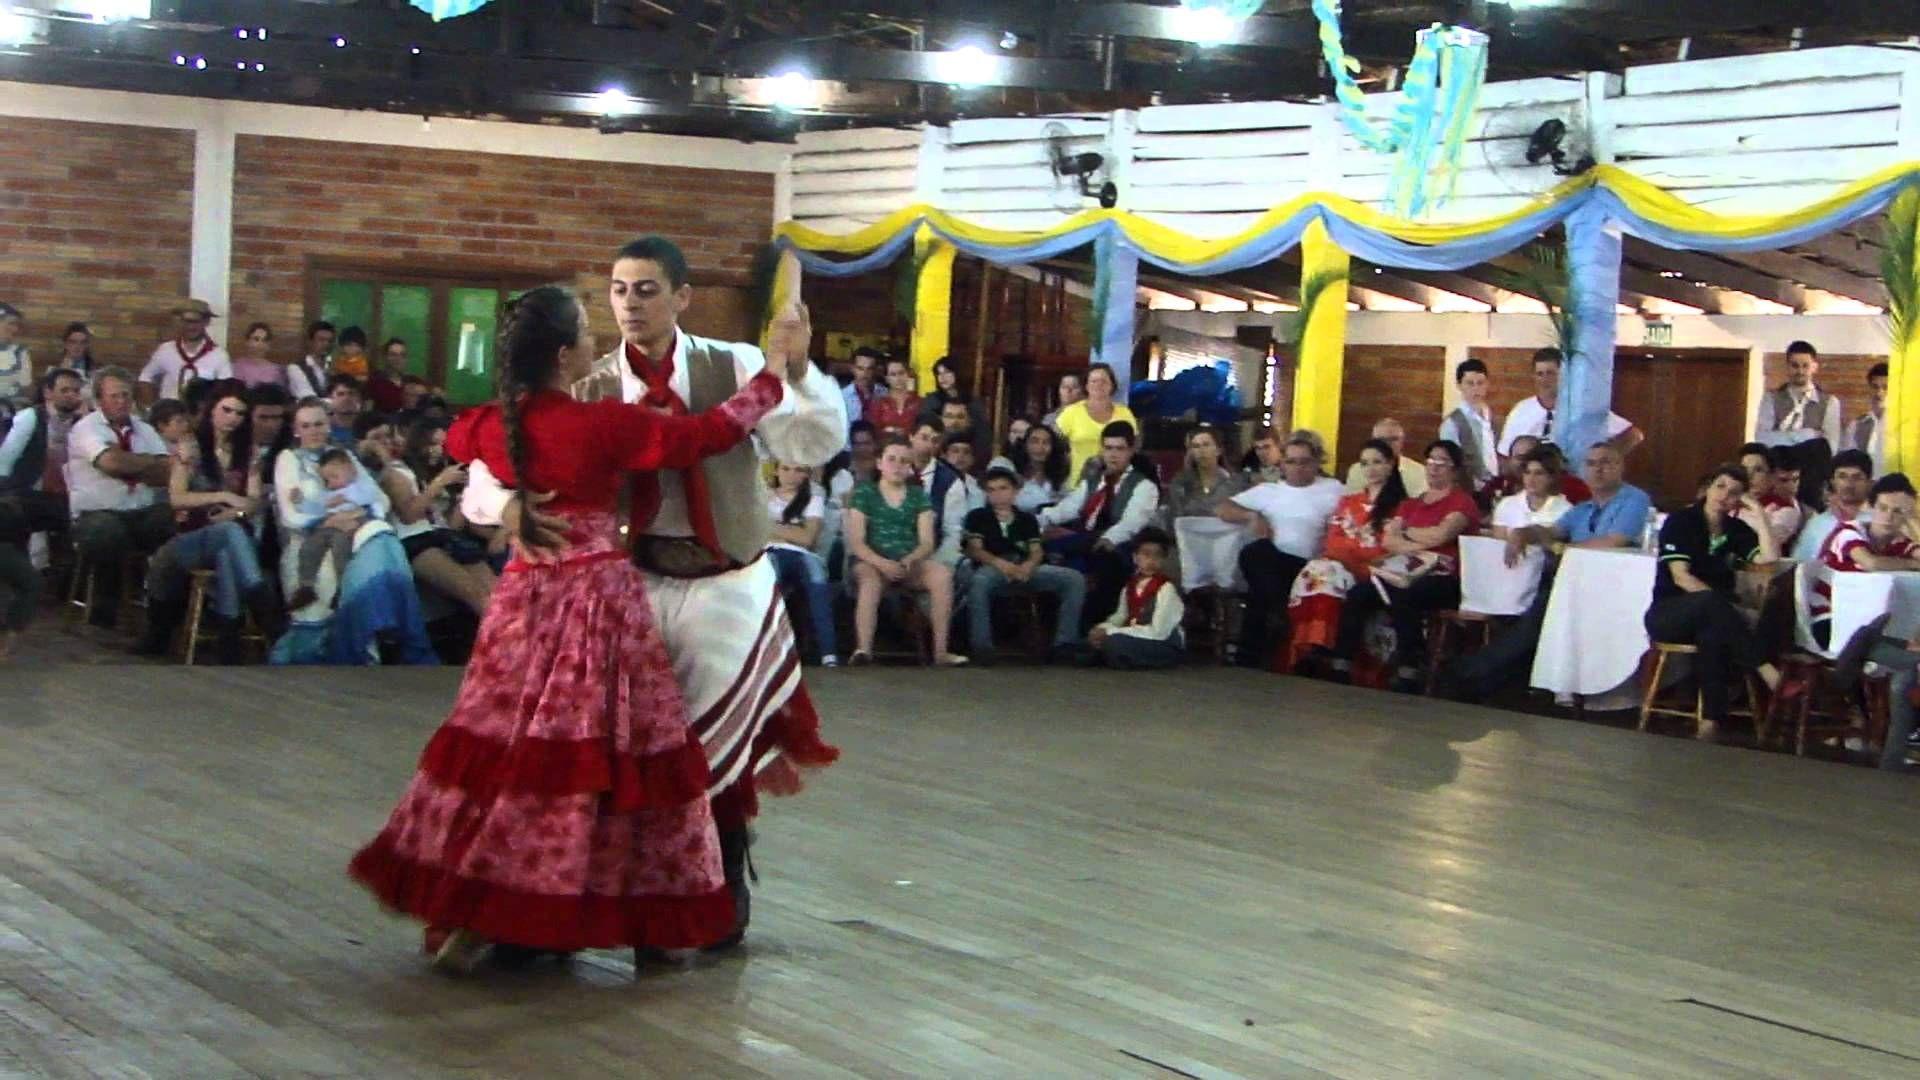 1ºLugar Dança de Salão Adulto - Chamamé - CTG Estância Colorada 10ºRT